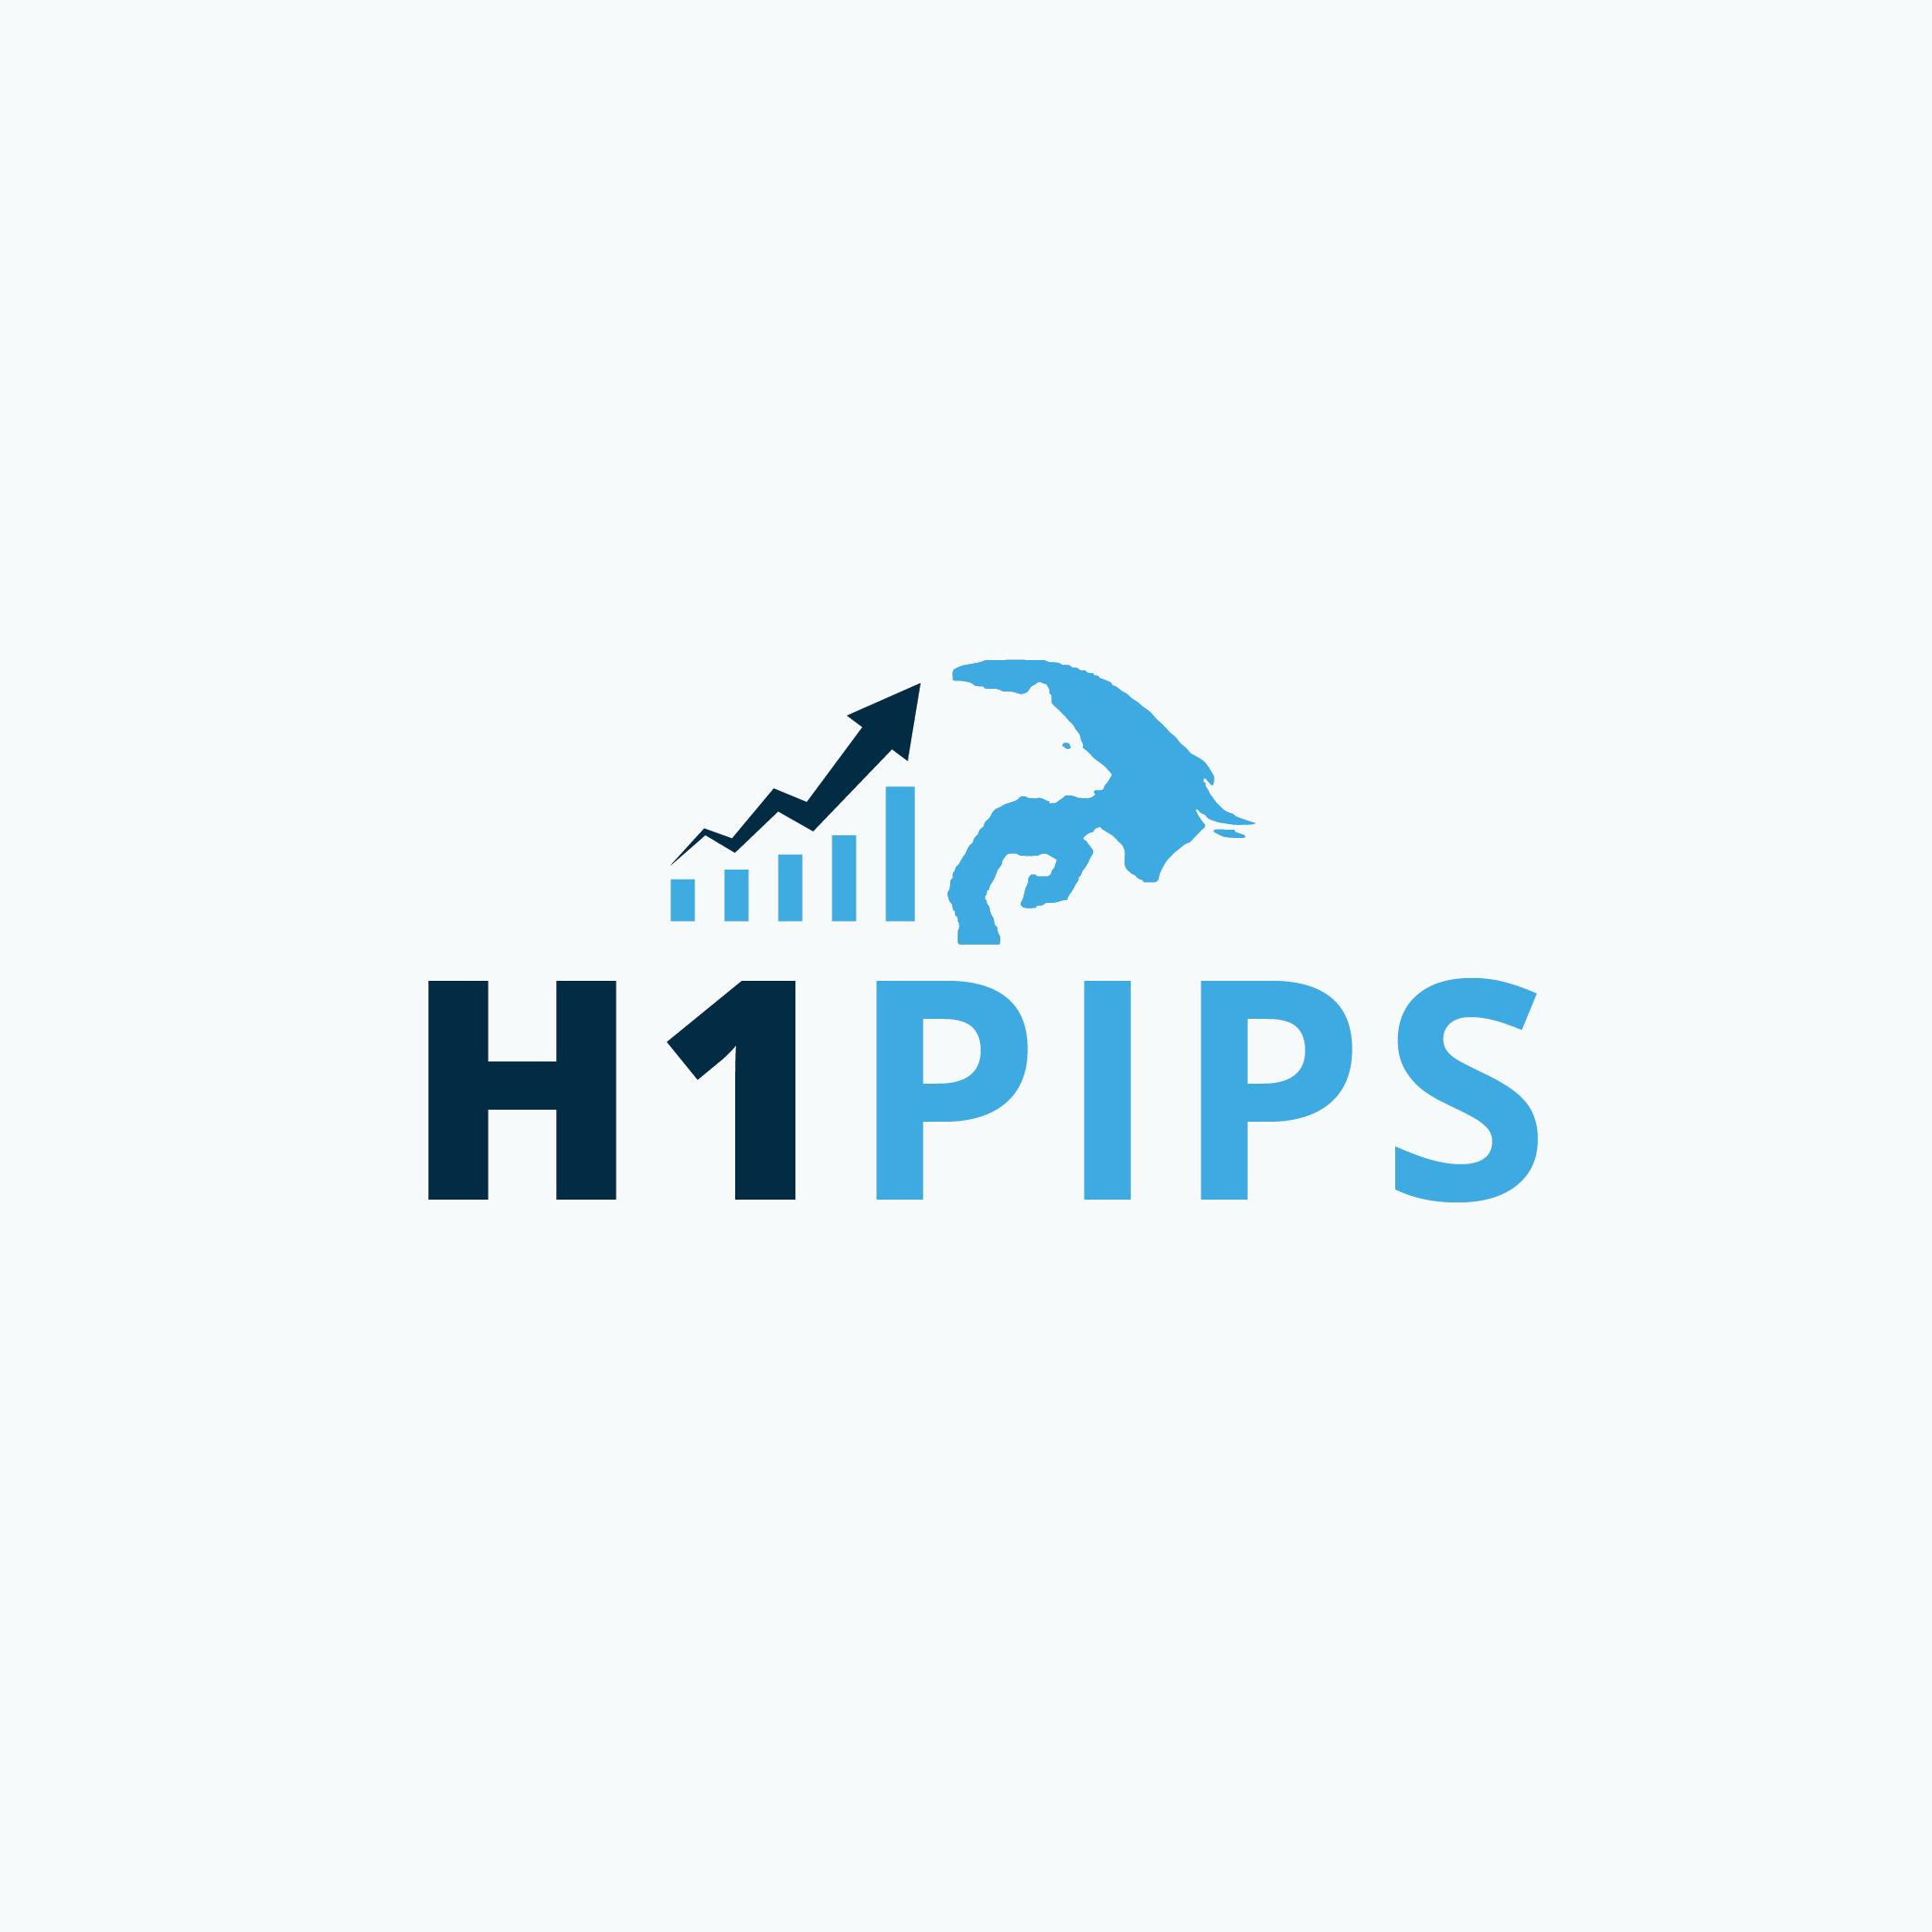 H1PIPS